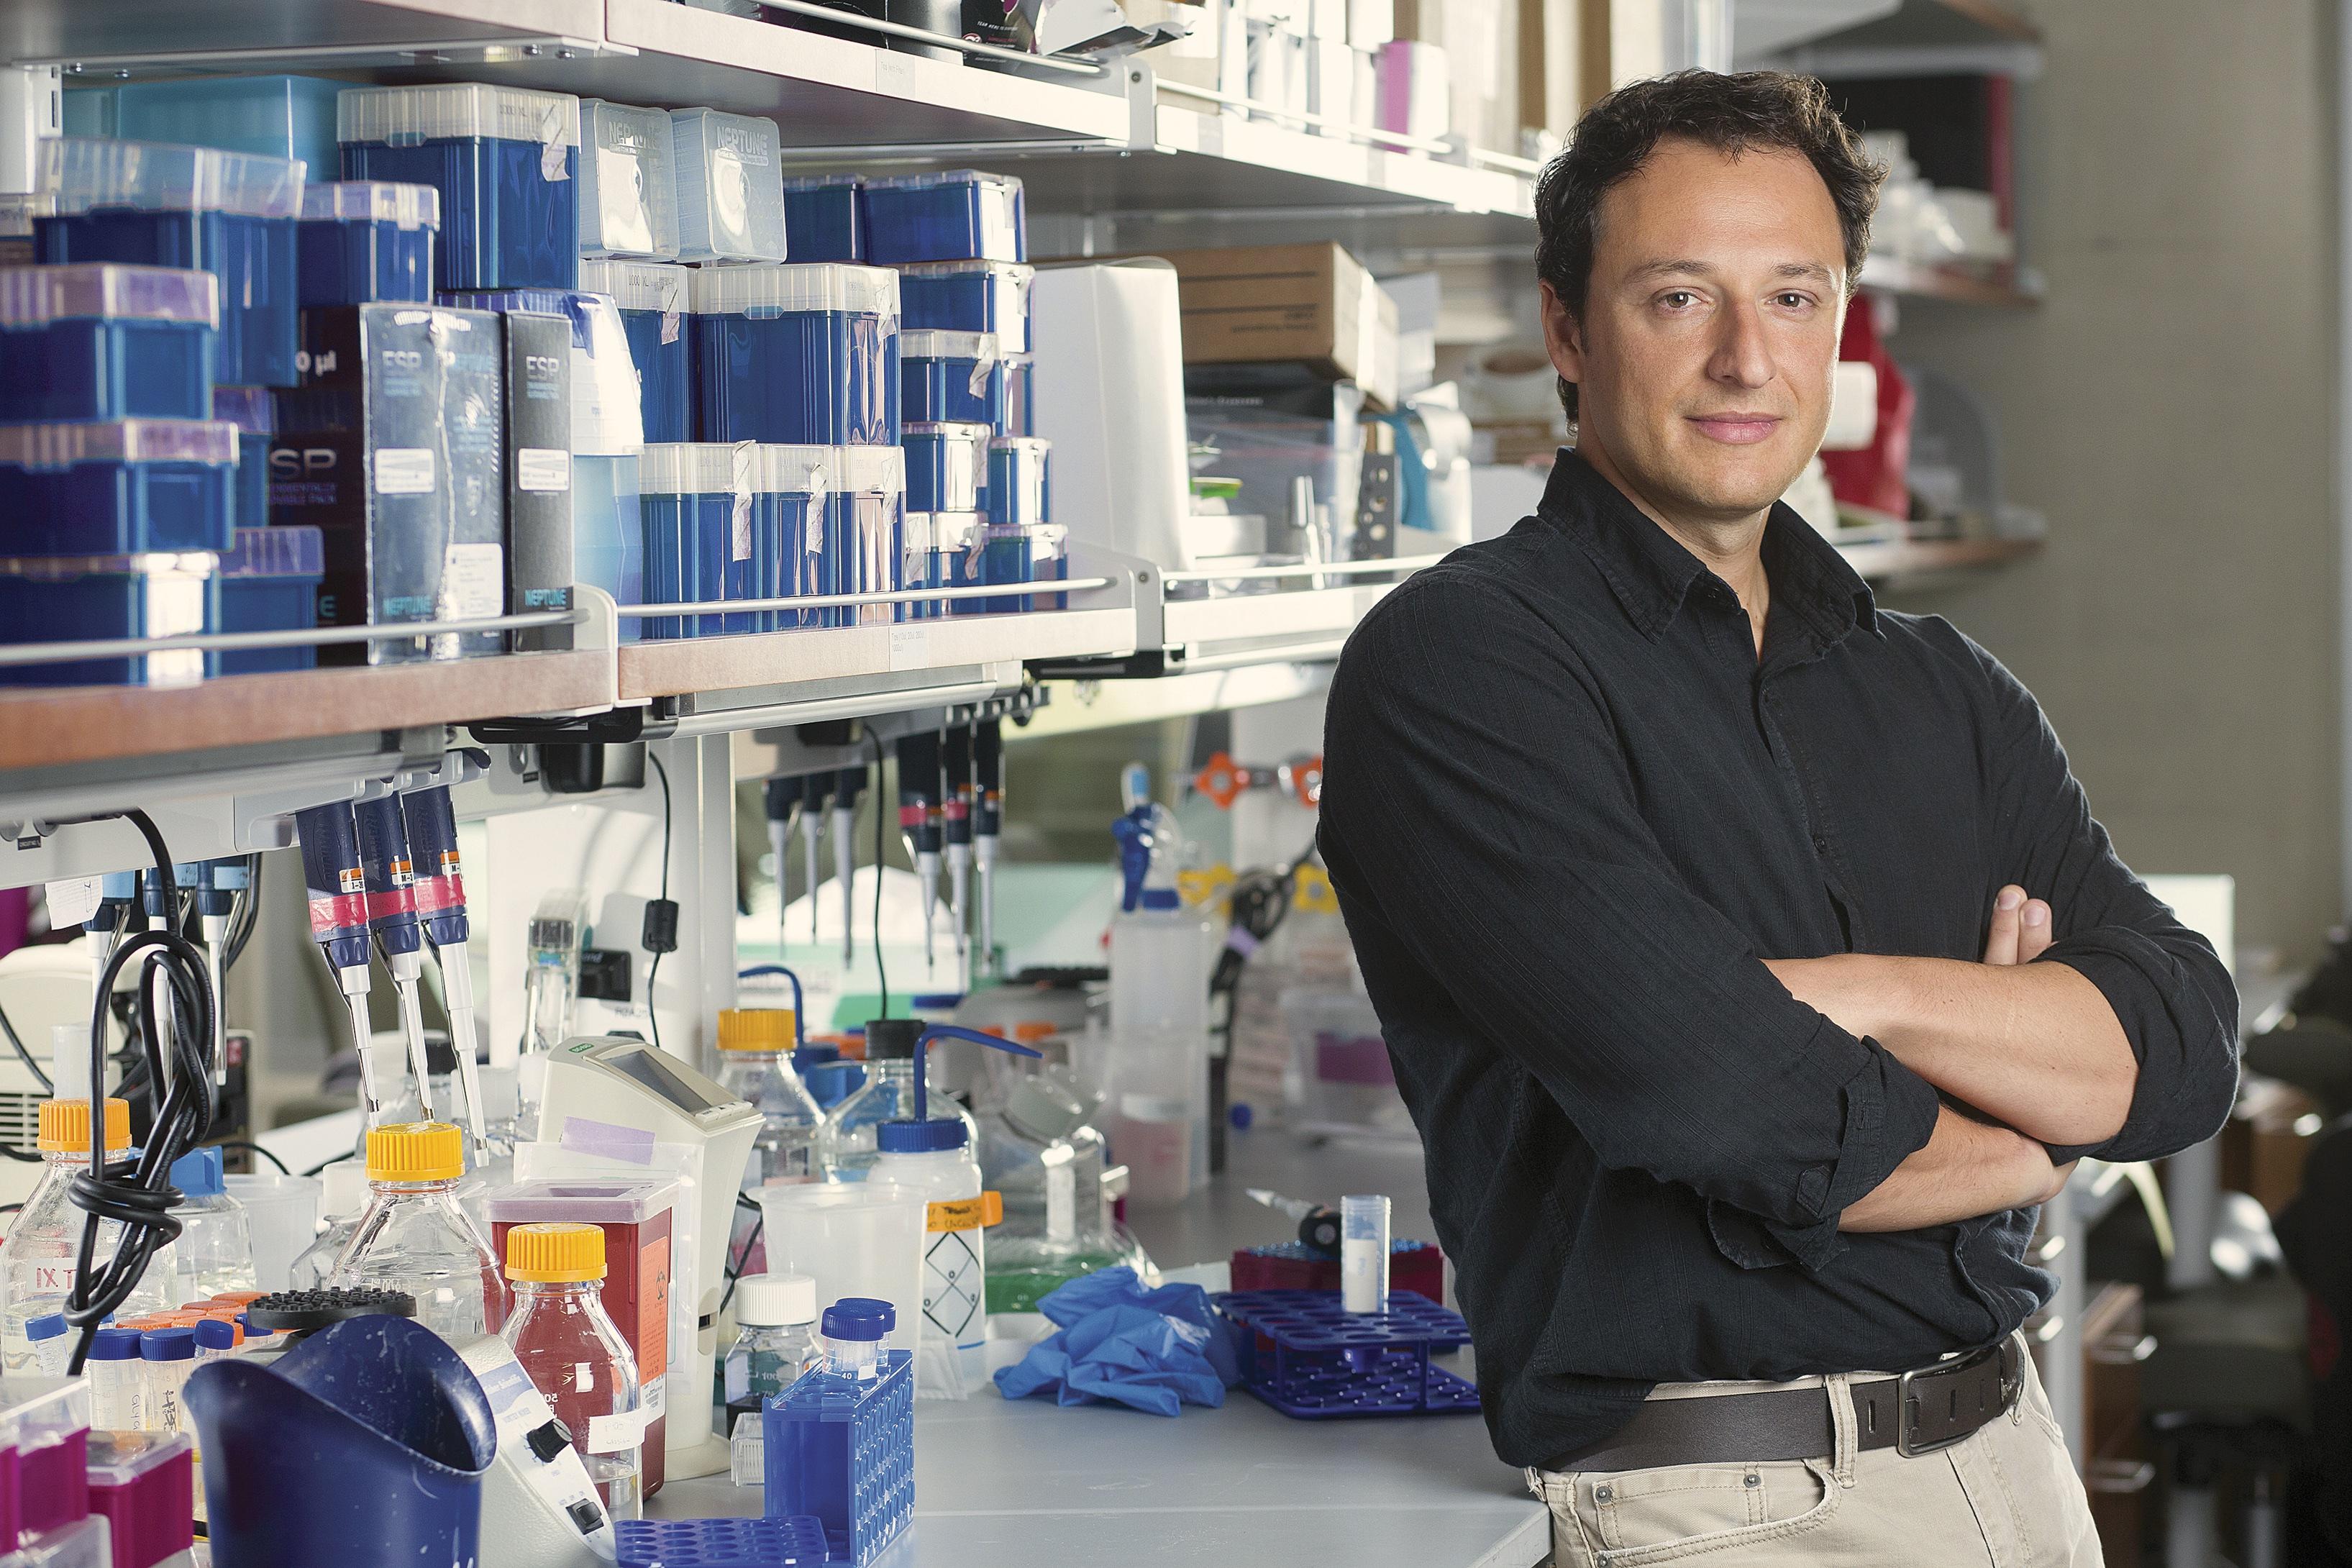 Alysson Renato Muotri é um biólogo brasileiro. É pesquisador do Instituto Salk para Estudos Biológicos, em La Jolla, San Diego, Califórnia, onde realiza pós-doutorado em Neurociências